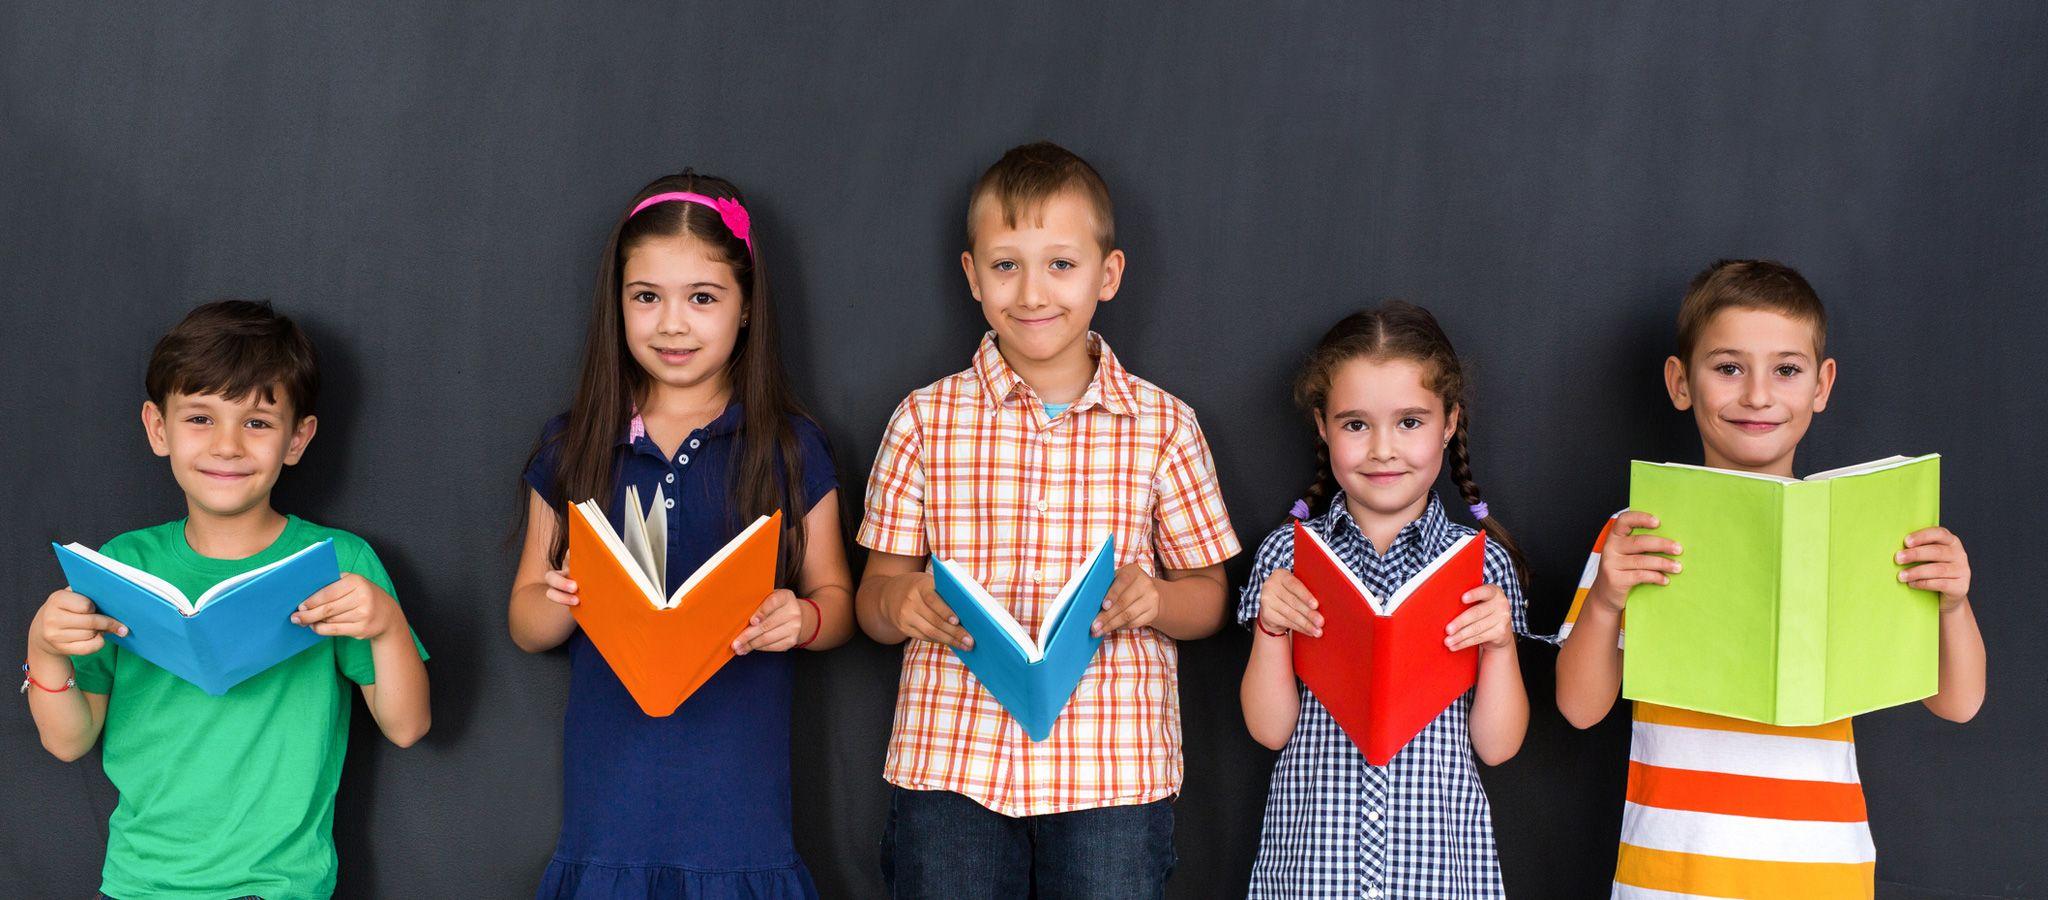 子どもを育てる「教科書」世界でこんなにも違う